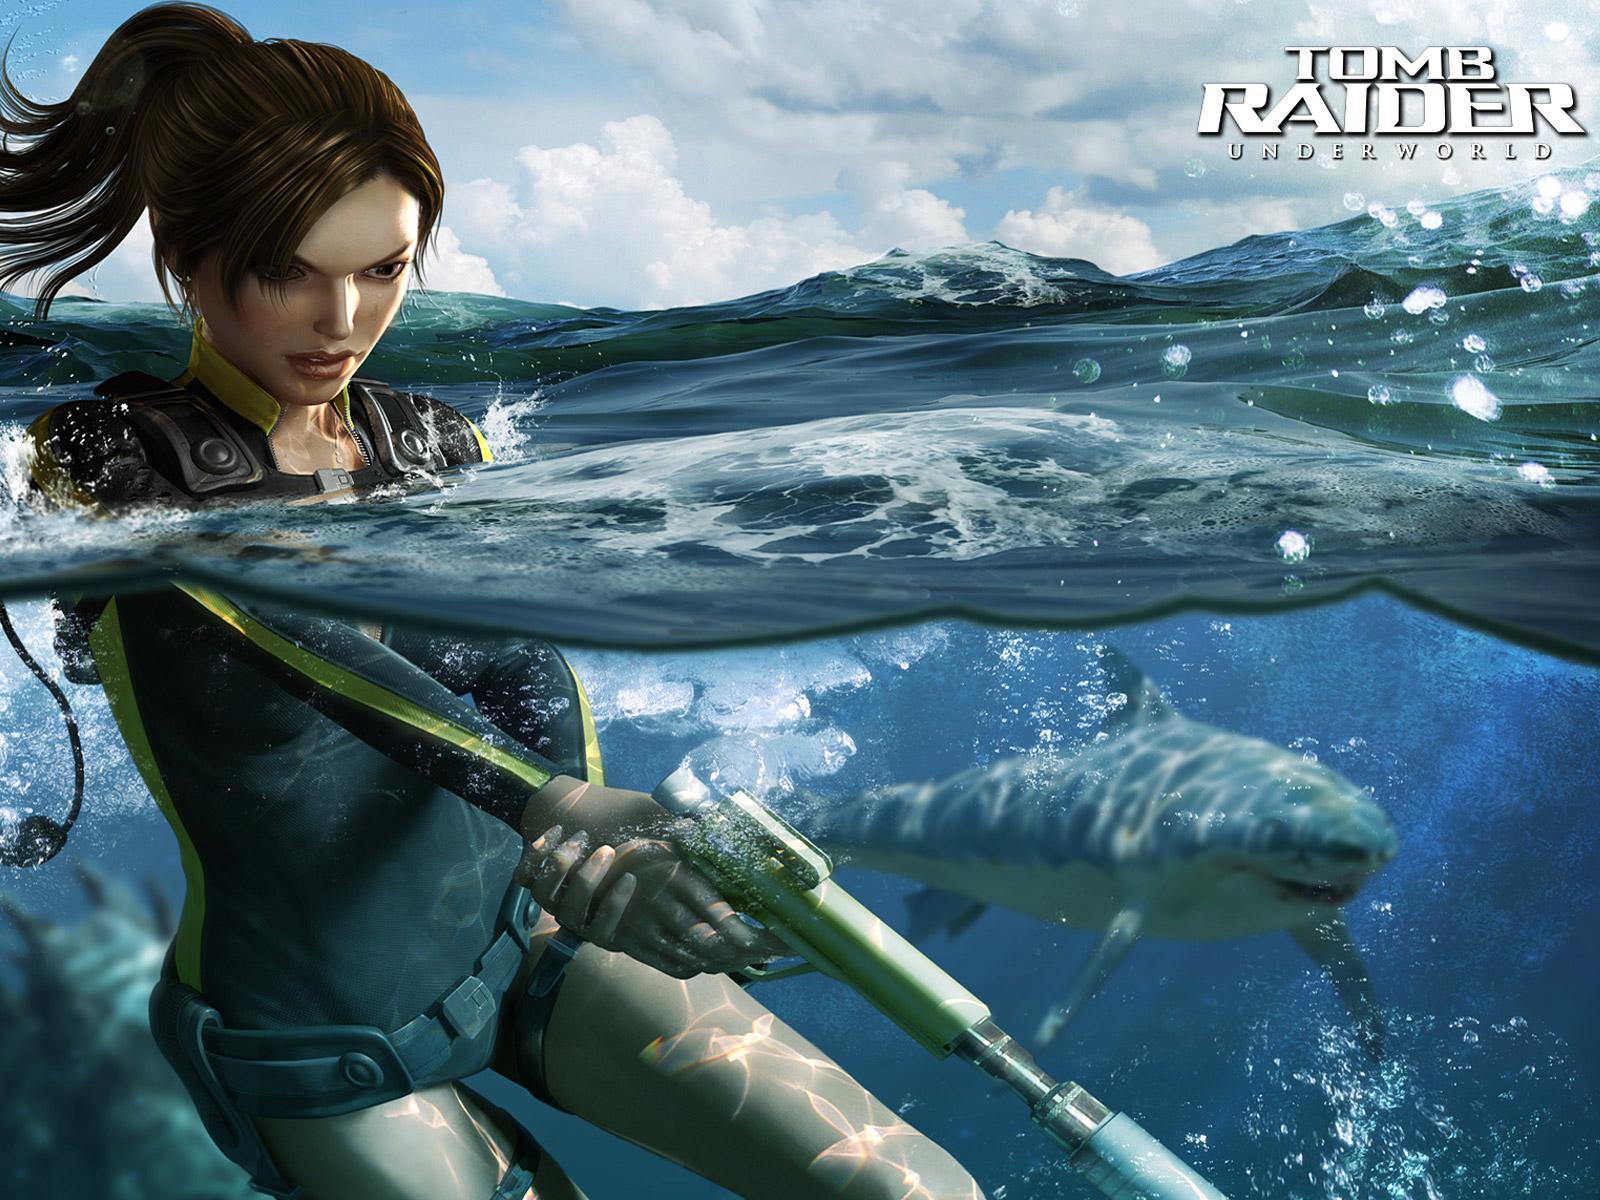 Lara croft underworld hentai pic